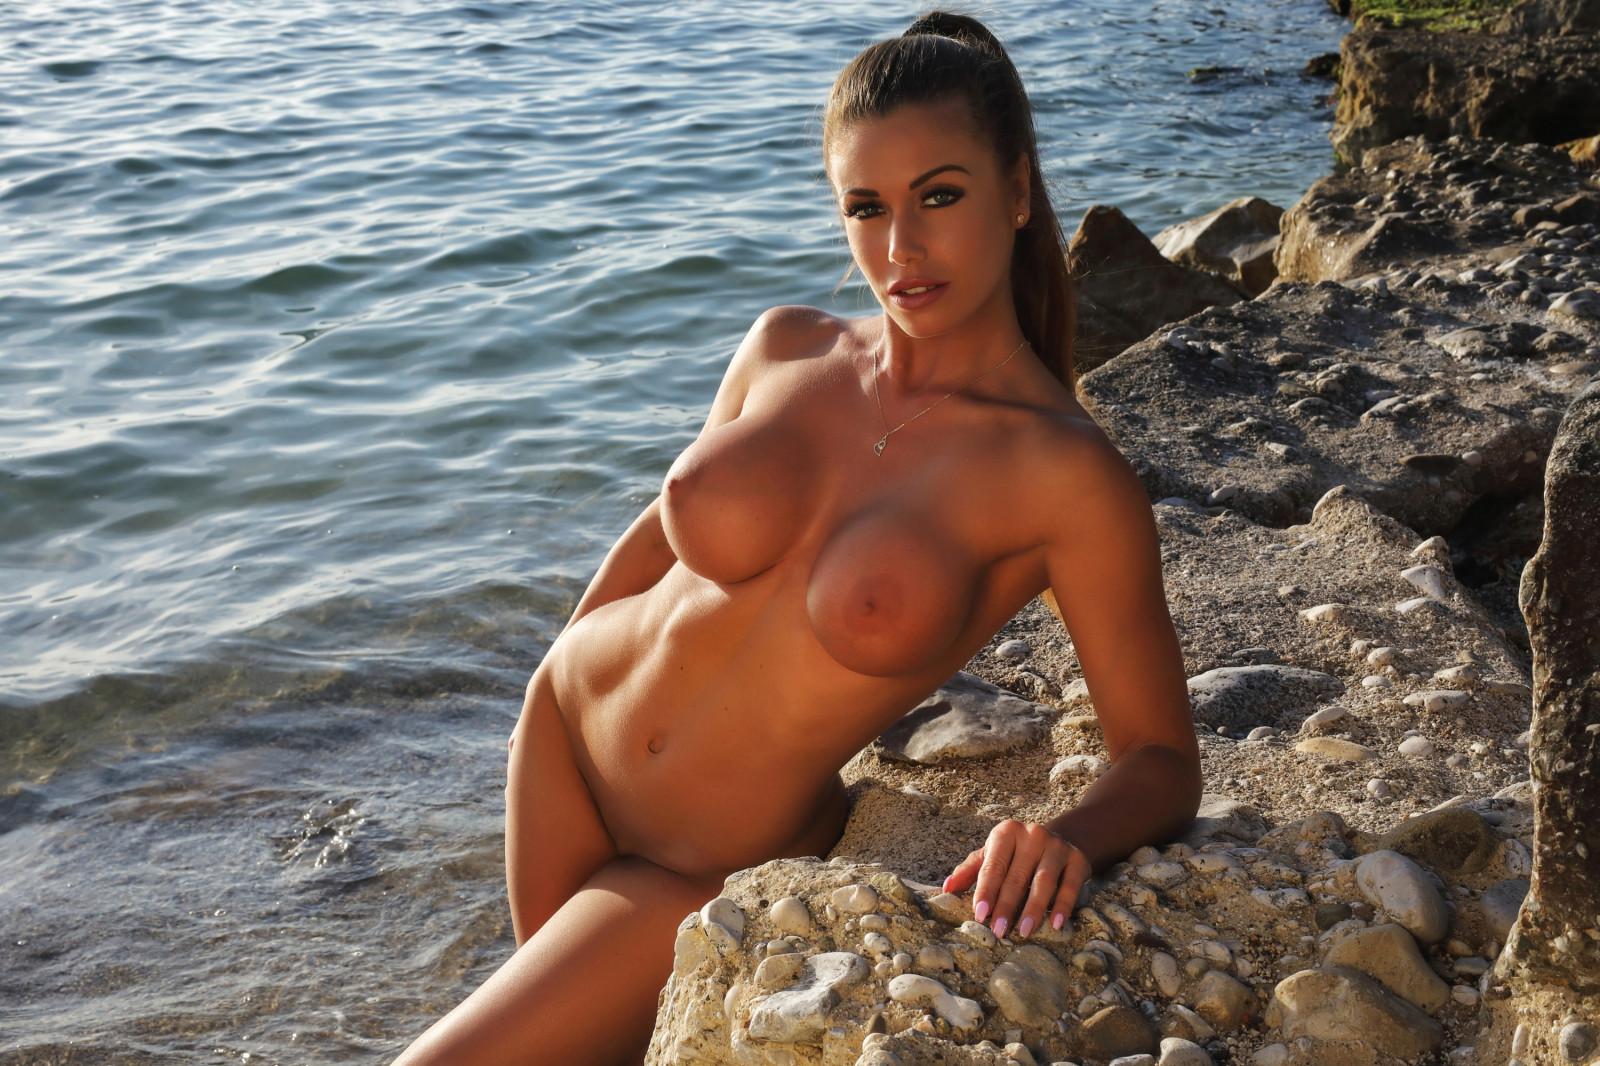 Фото красивых девушек на пляже без купальников — pic 15